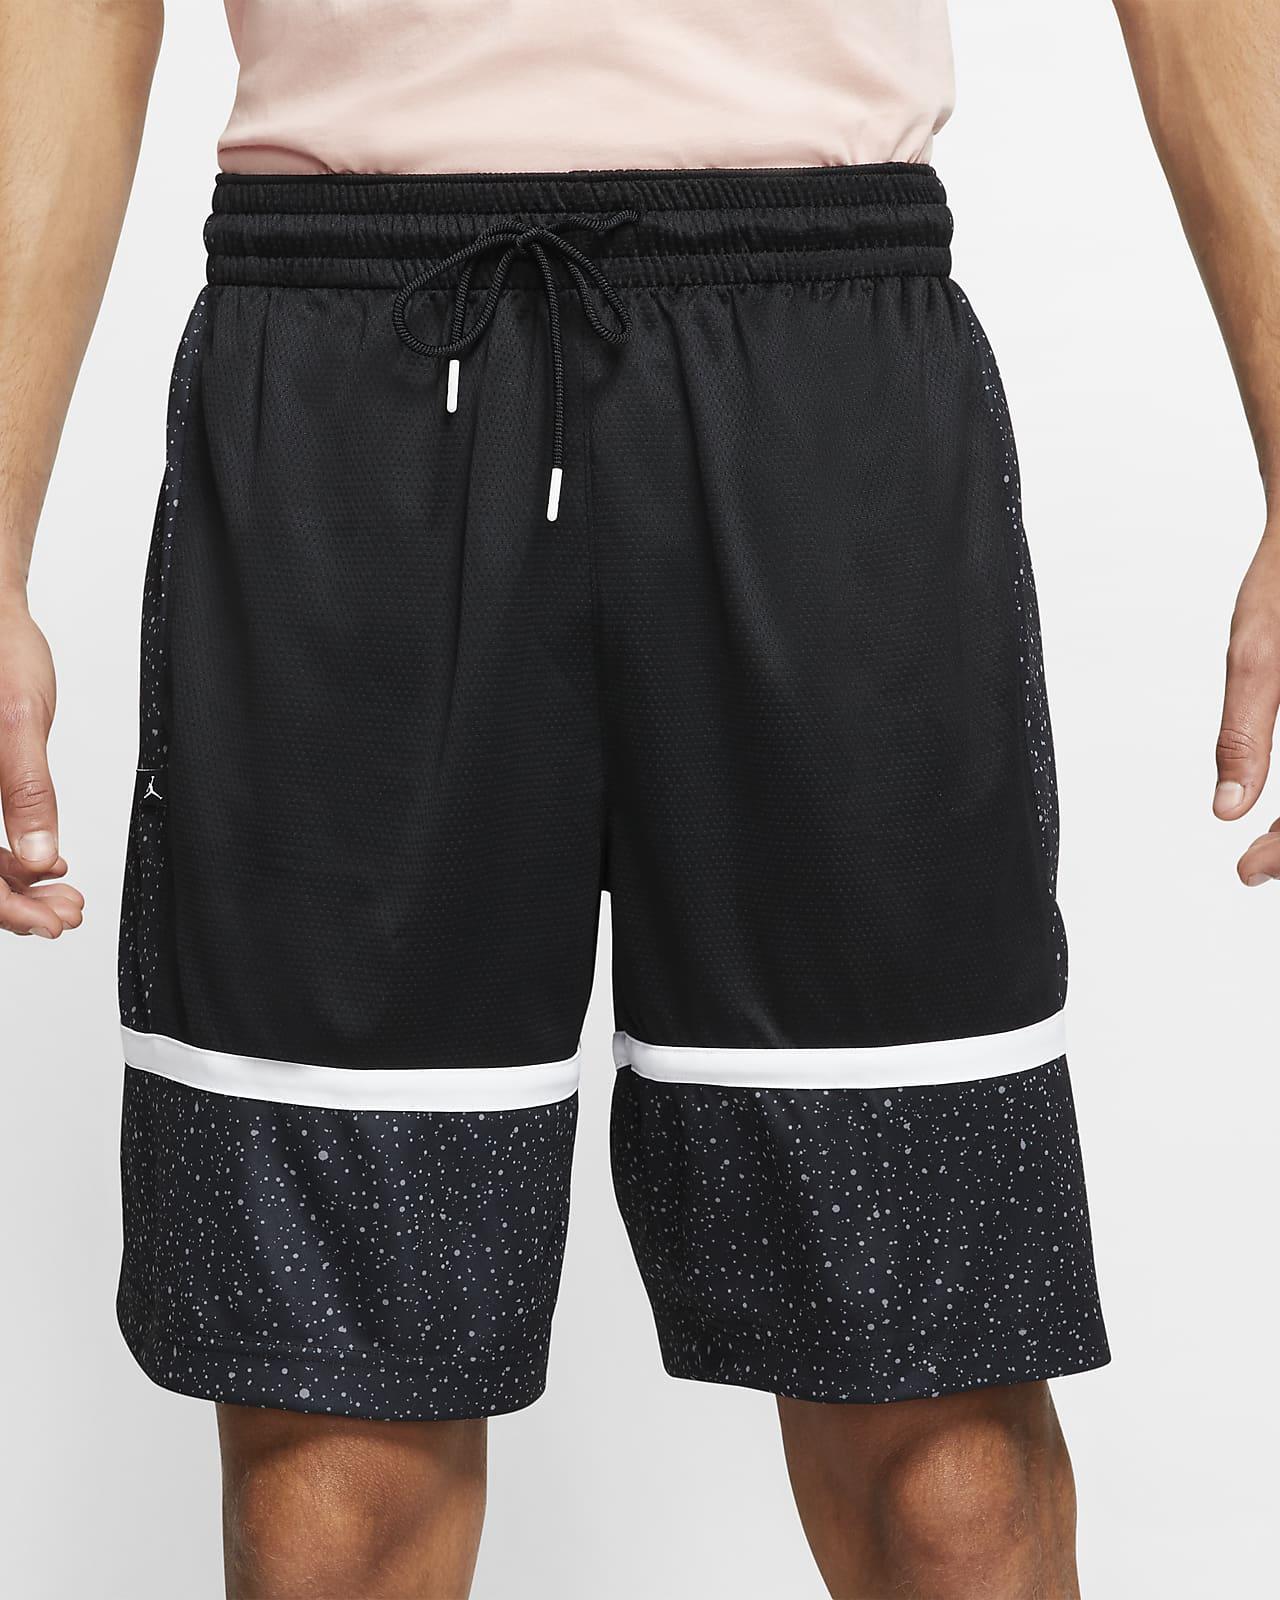 กางเกงบาสเก็ตบอลผู้ชายมีกราฟิก Jordan Jumpman